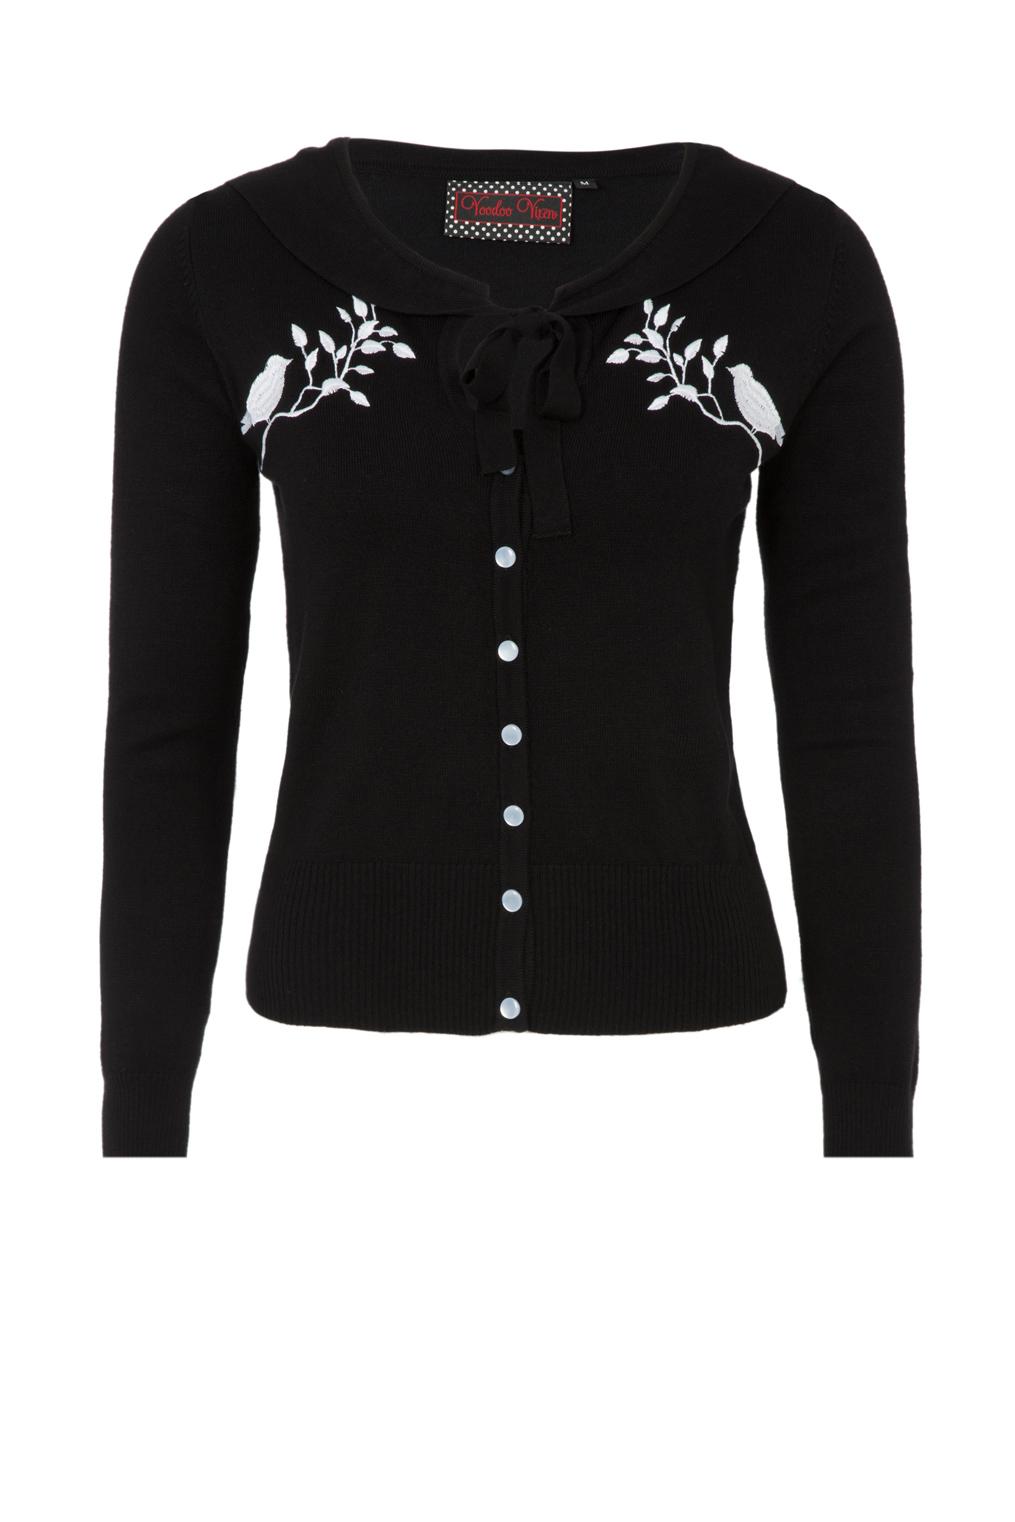 Mila Tie Neckline Plus Size Cardigan